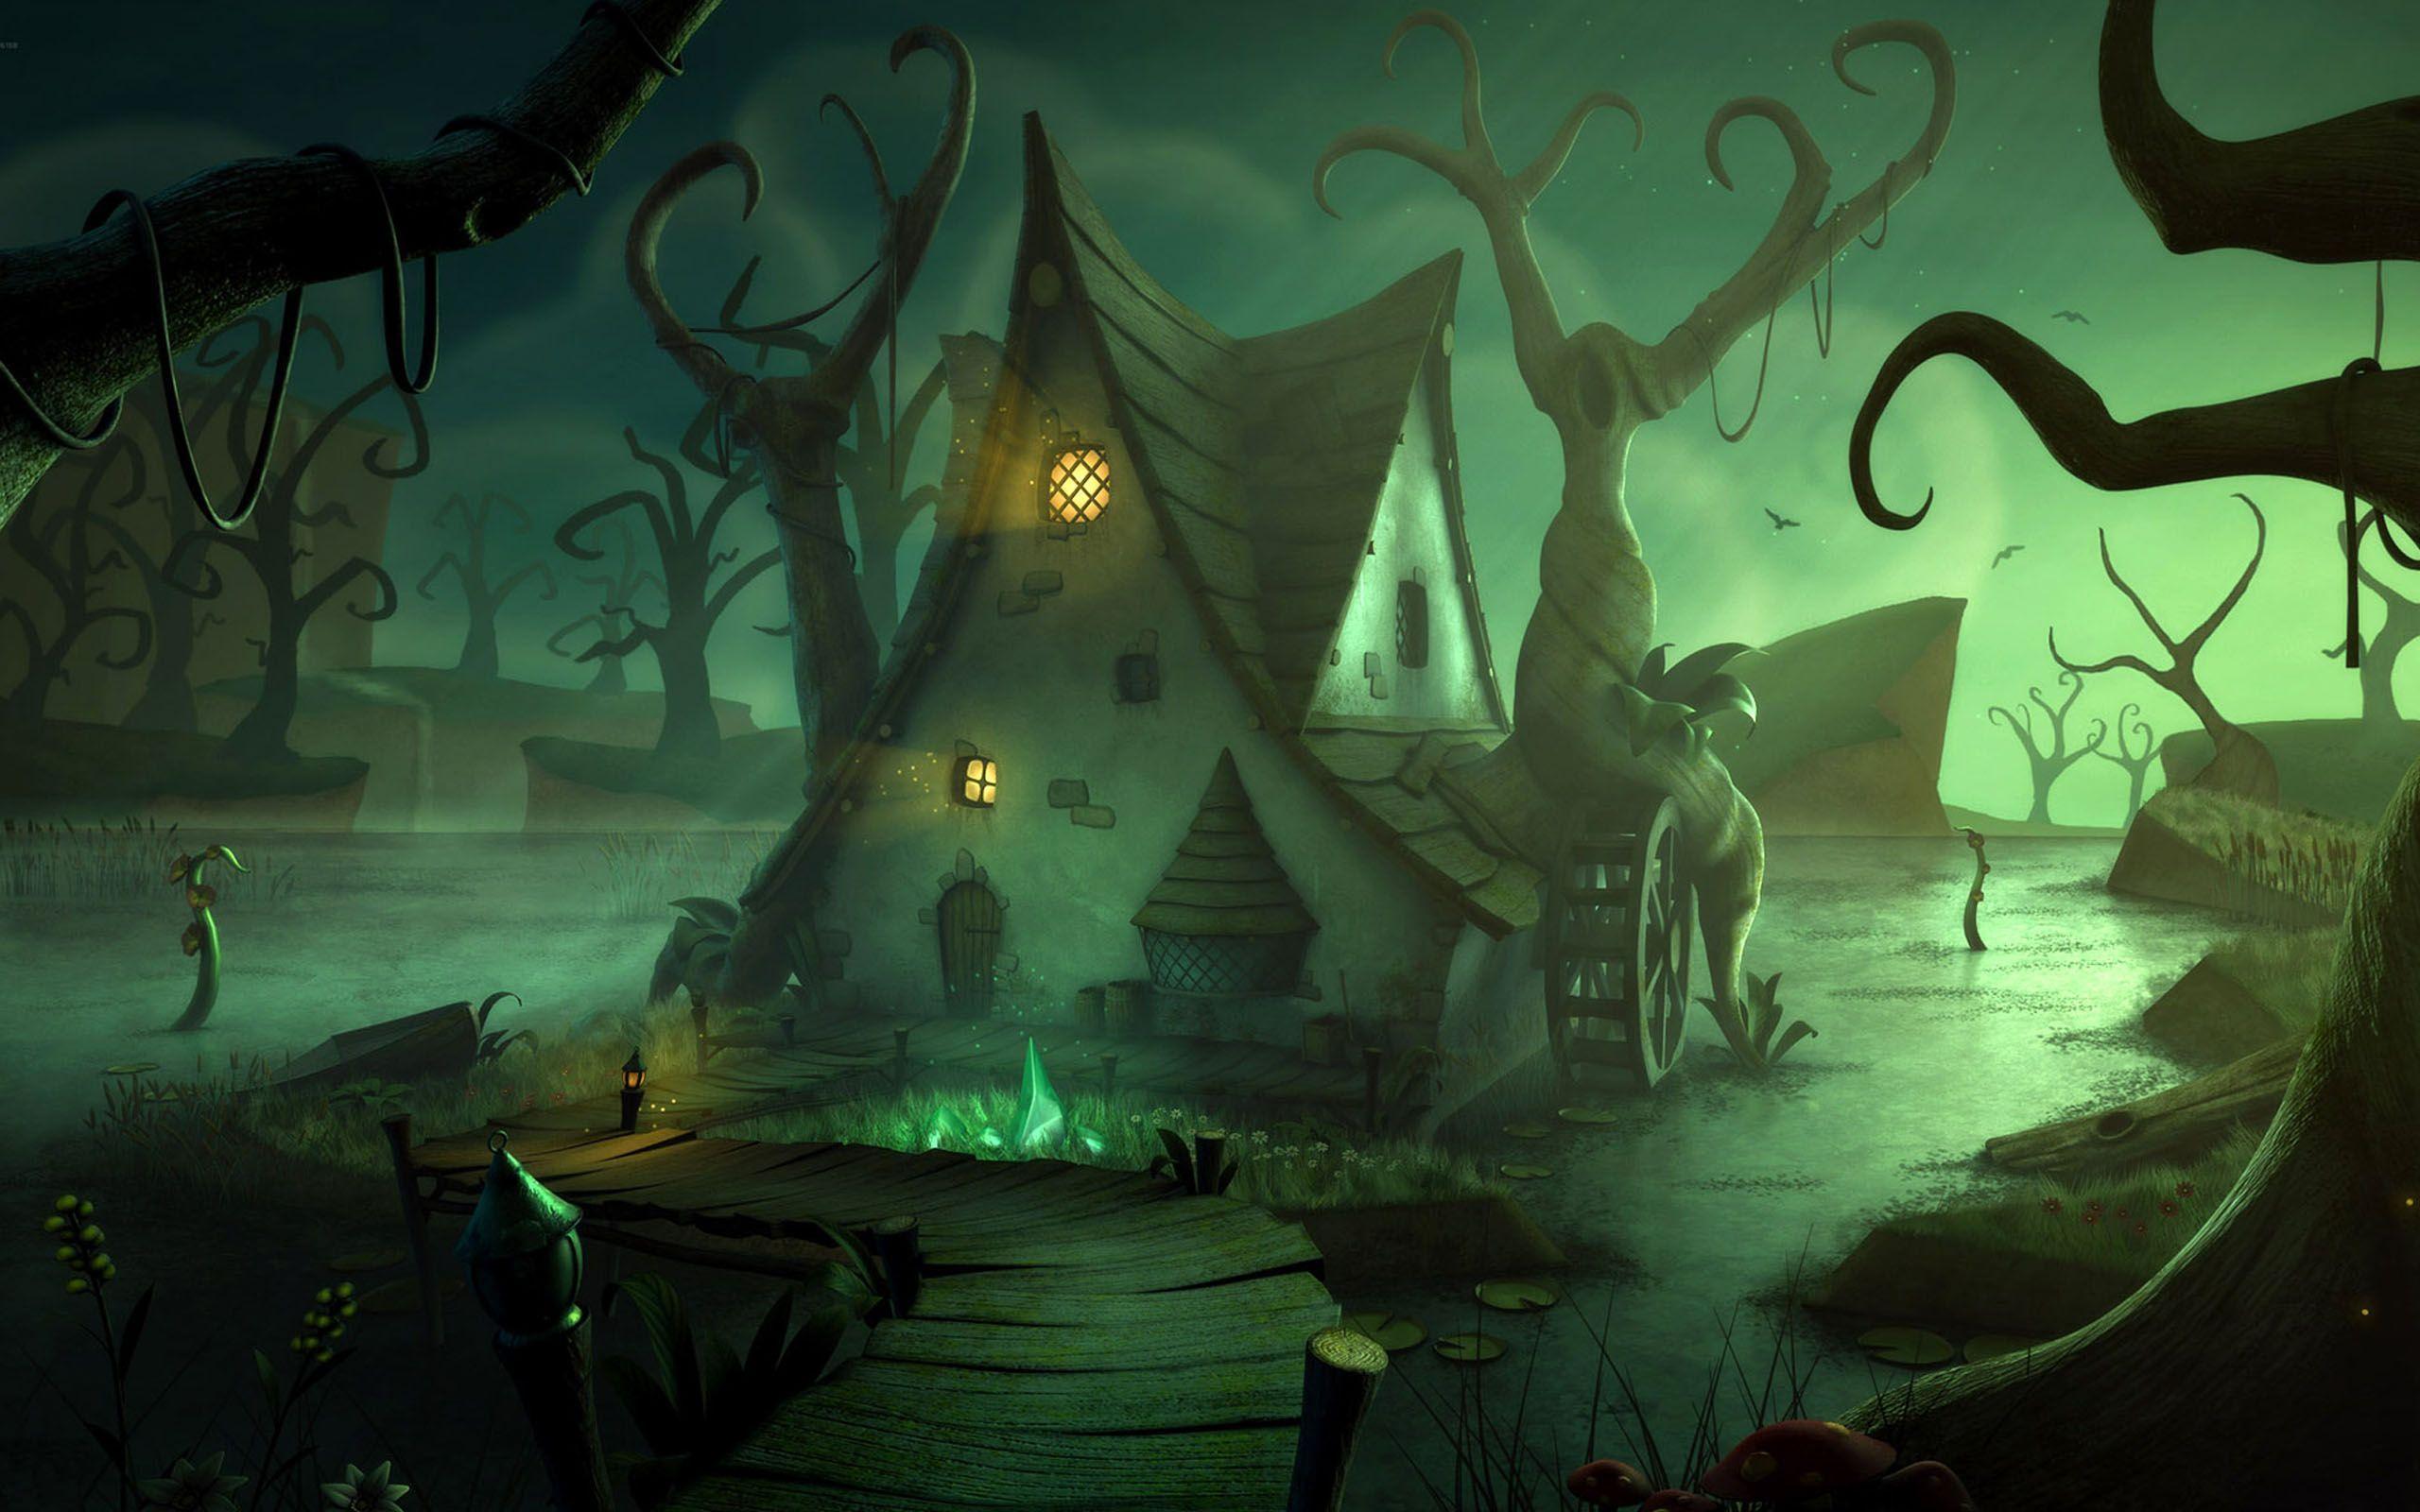 Best of cute halloween desktop wallpaper Collection - Cute halloween  wallpaper backgrounds desktop wallpapers top